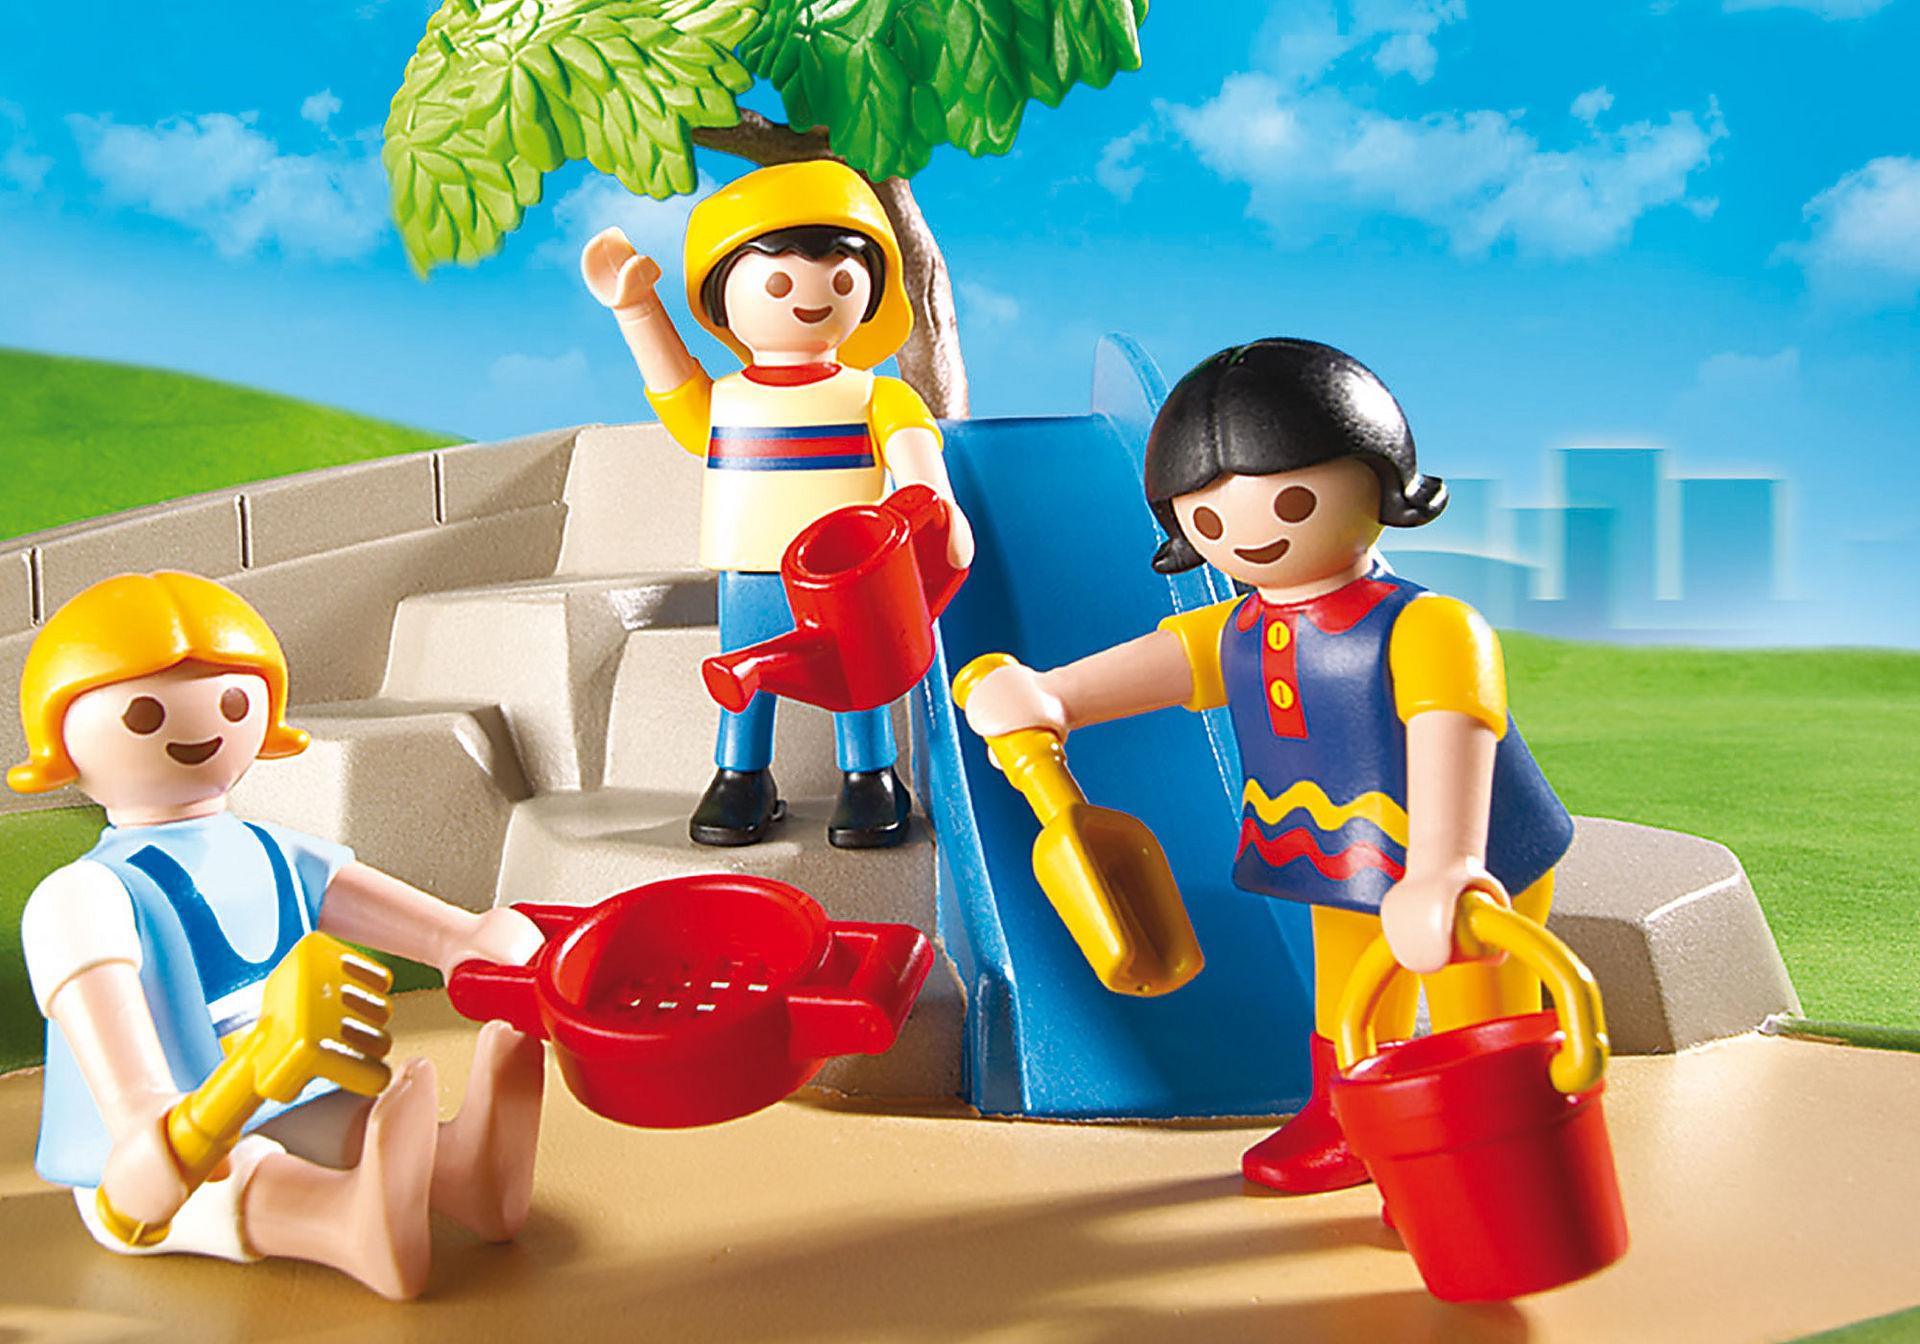 http://media.playmobil.com/i/playmobil/4132_product_extra3/Playground Super Set